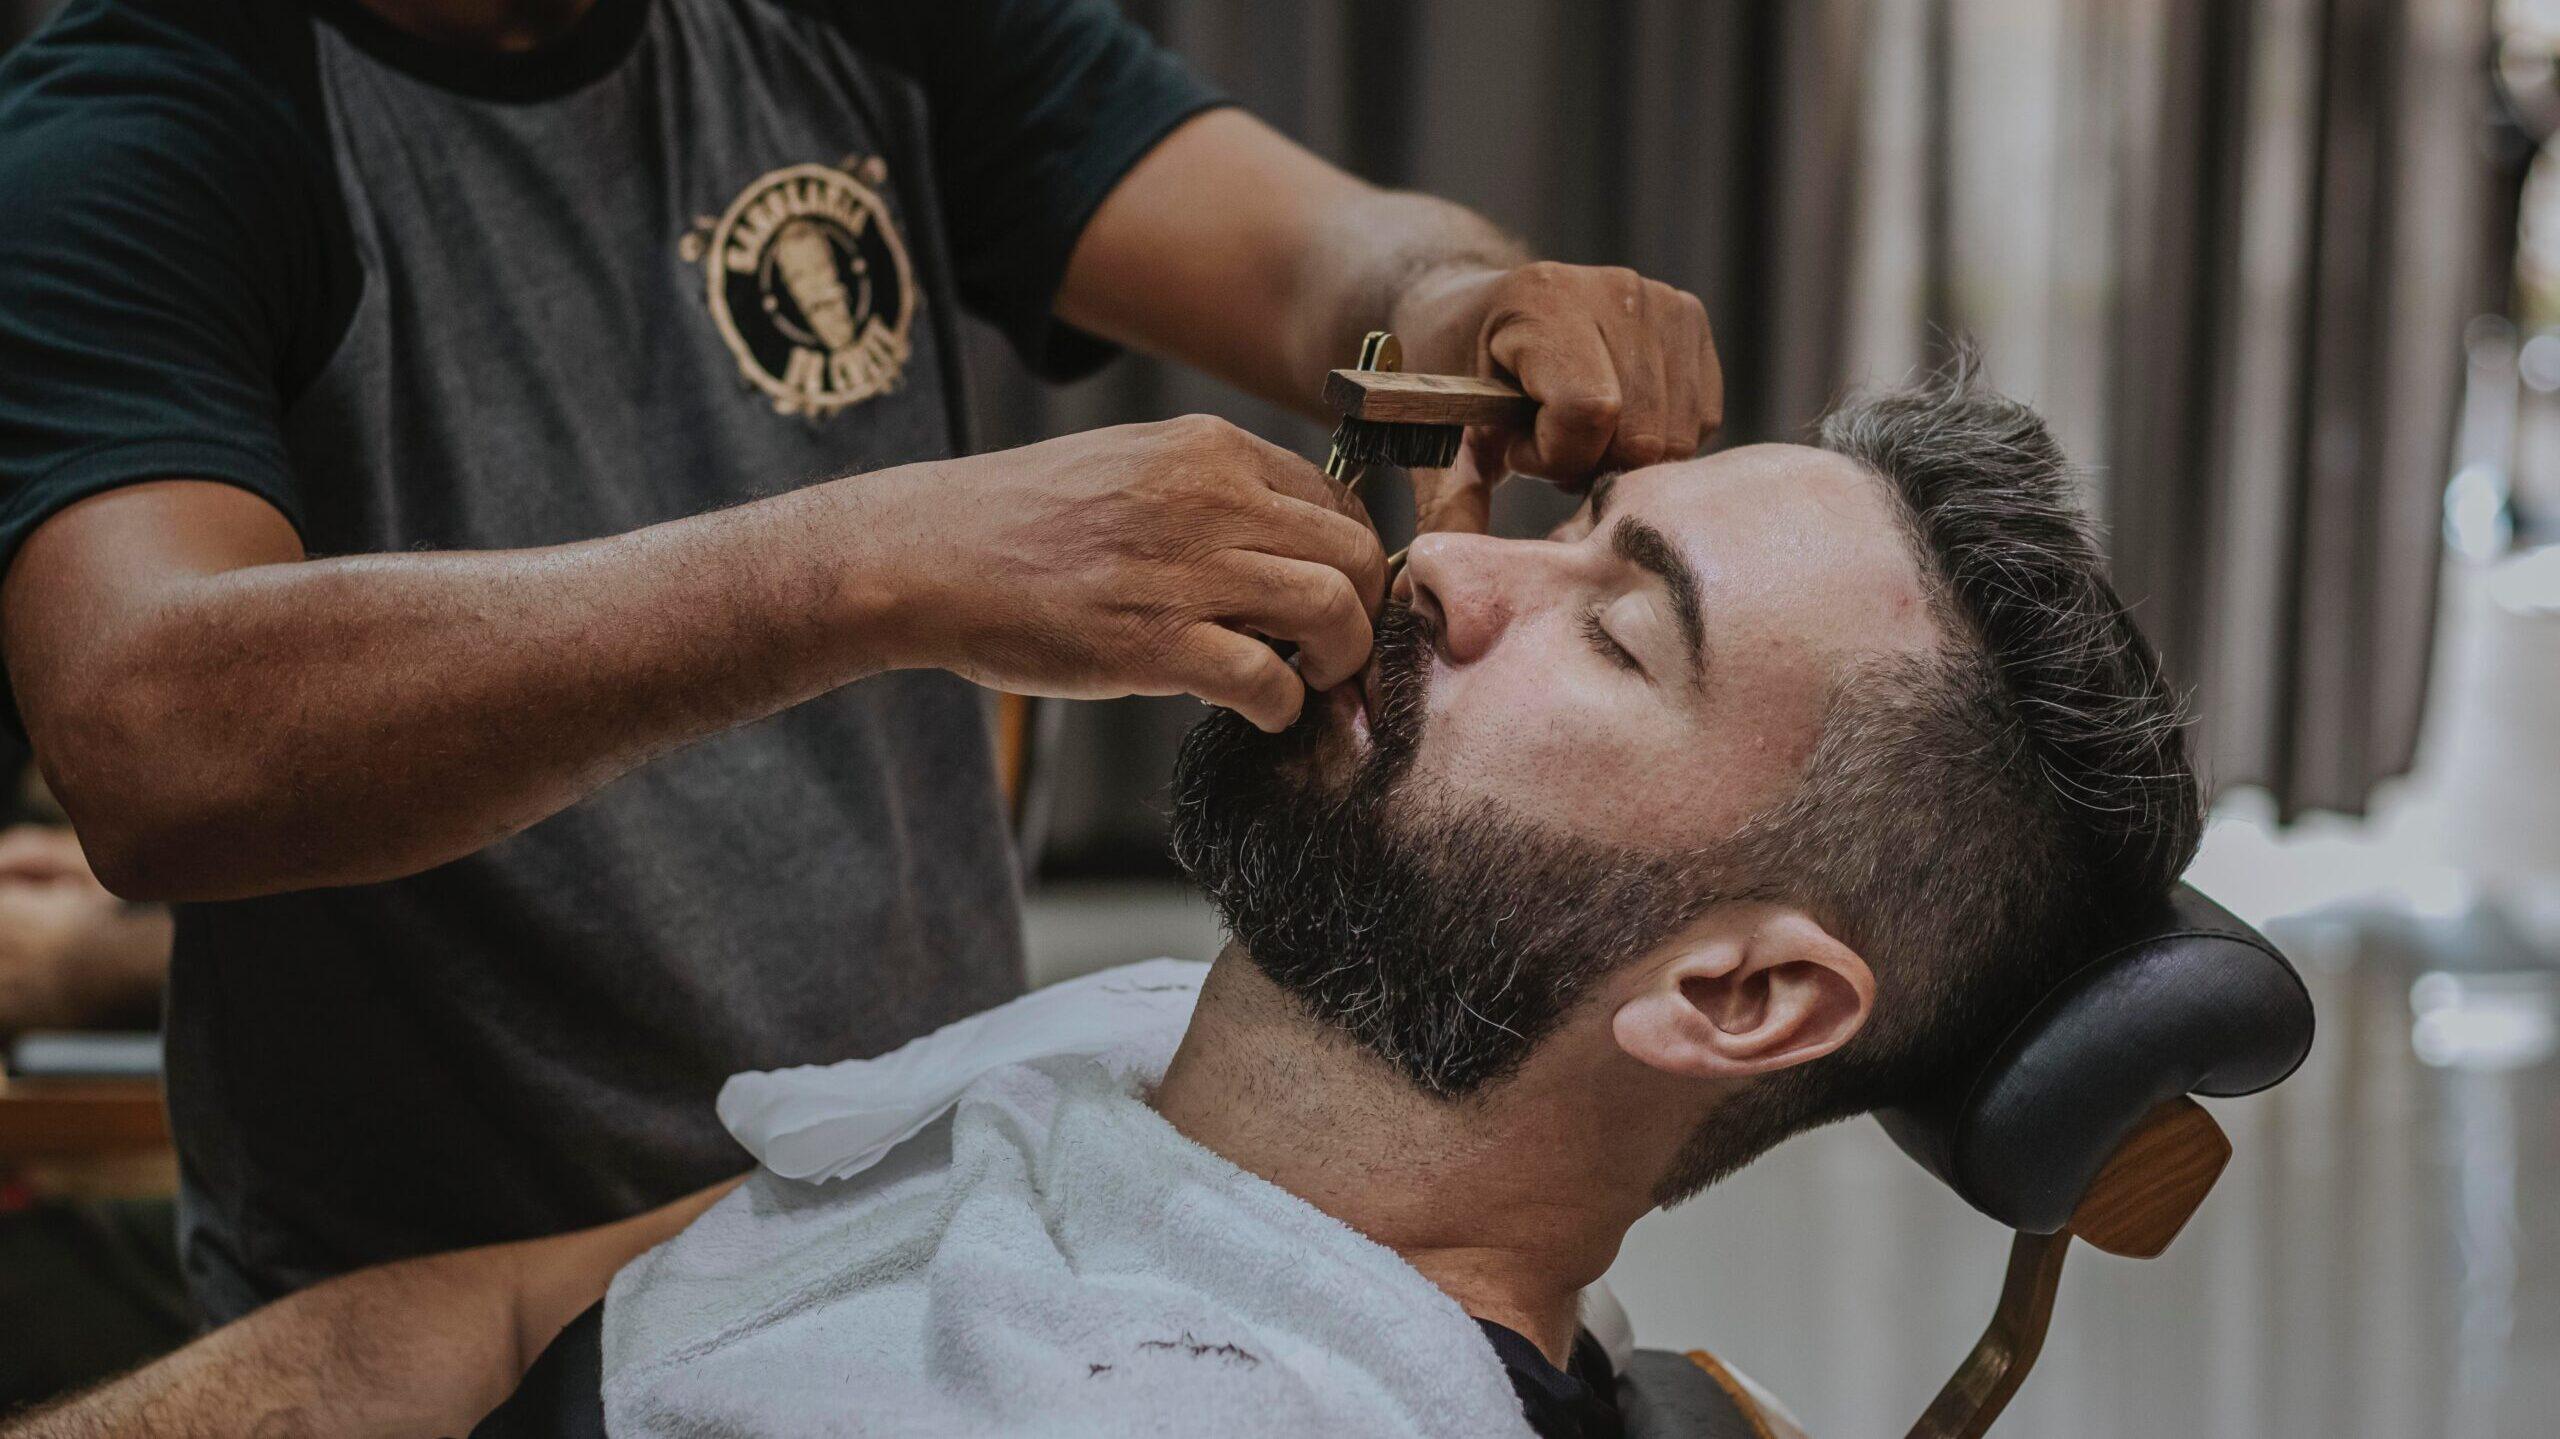 La pandemia impulsó a los barberos a trabajar desde casa